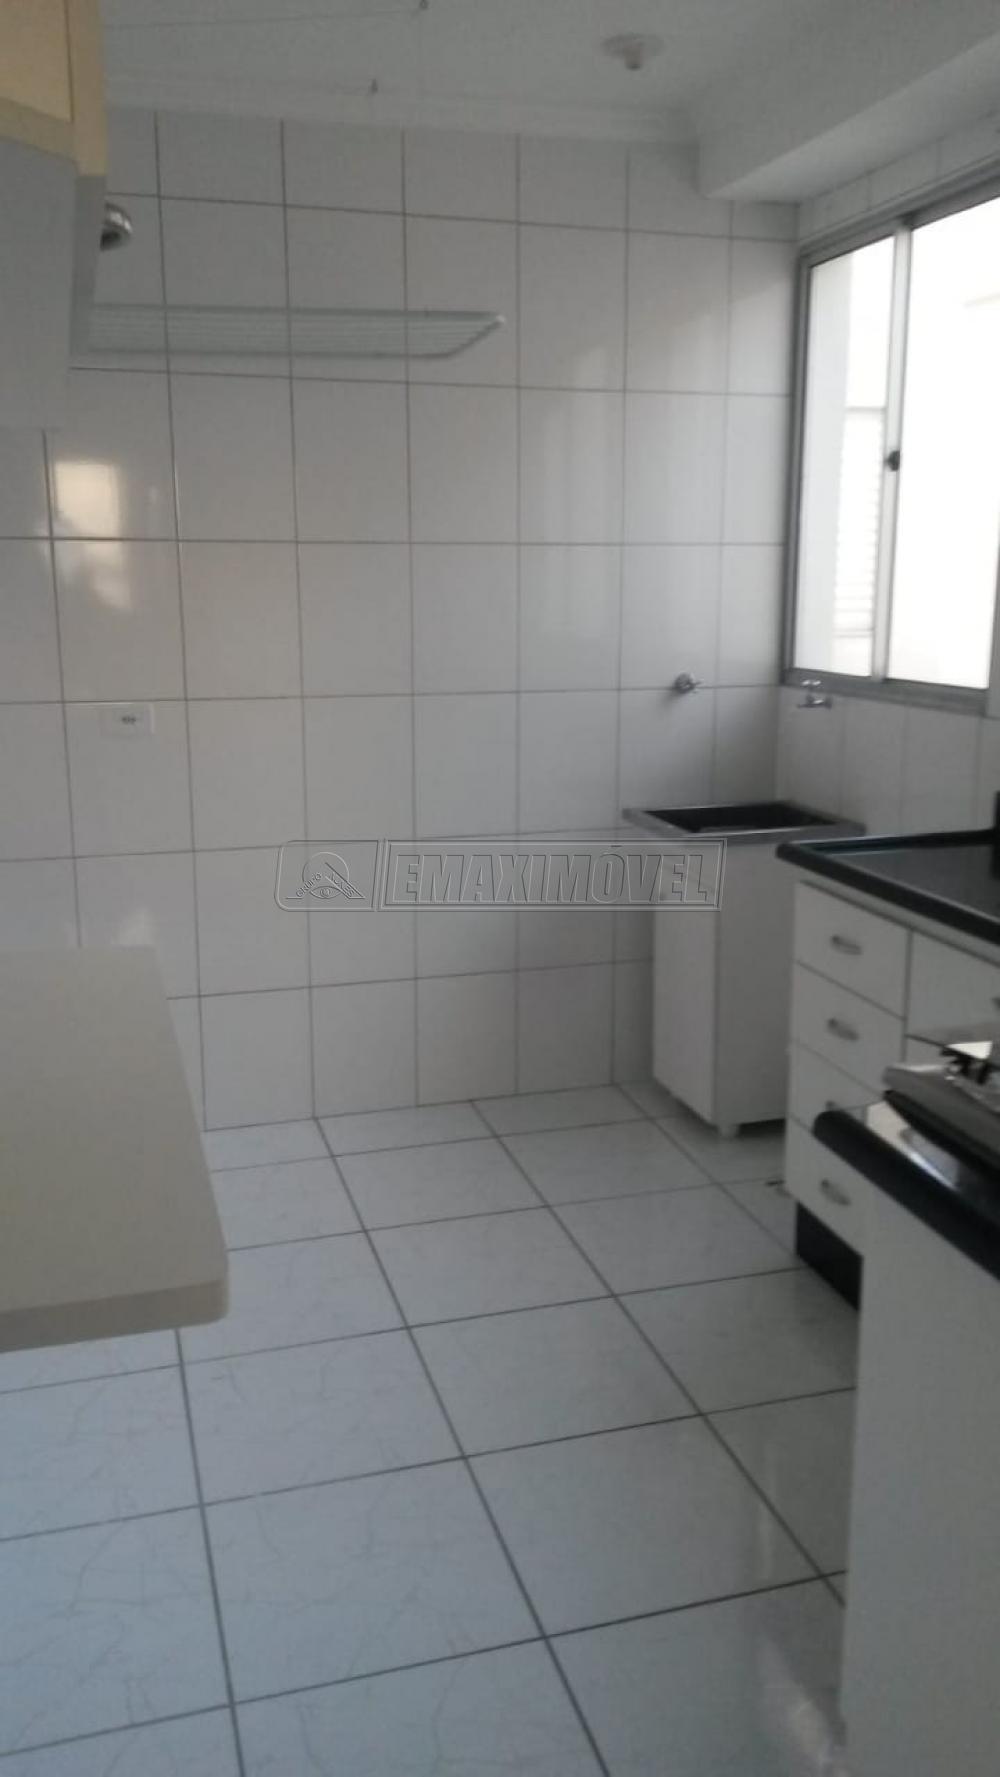 Comprar Apartamentos / Apto Padrão em Sorocaba apenas R$ 320.000,00 - Foto 13